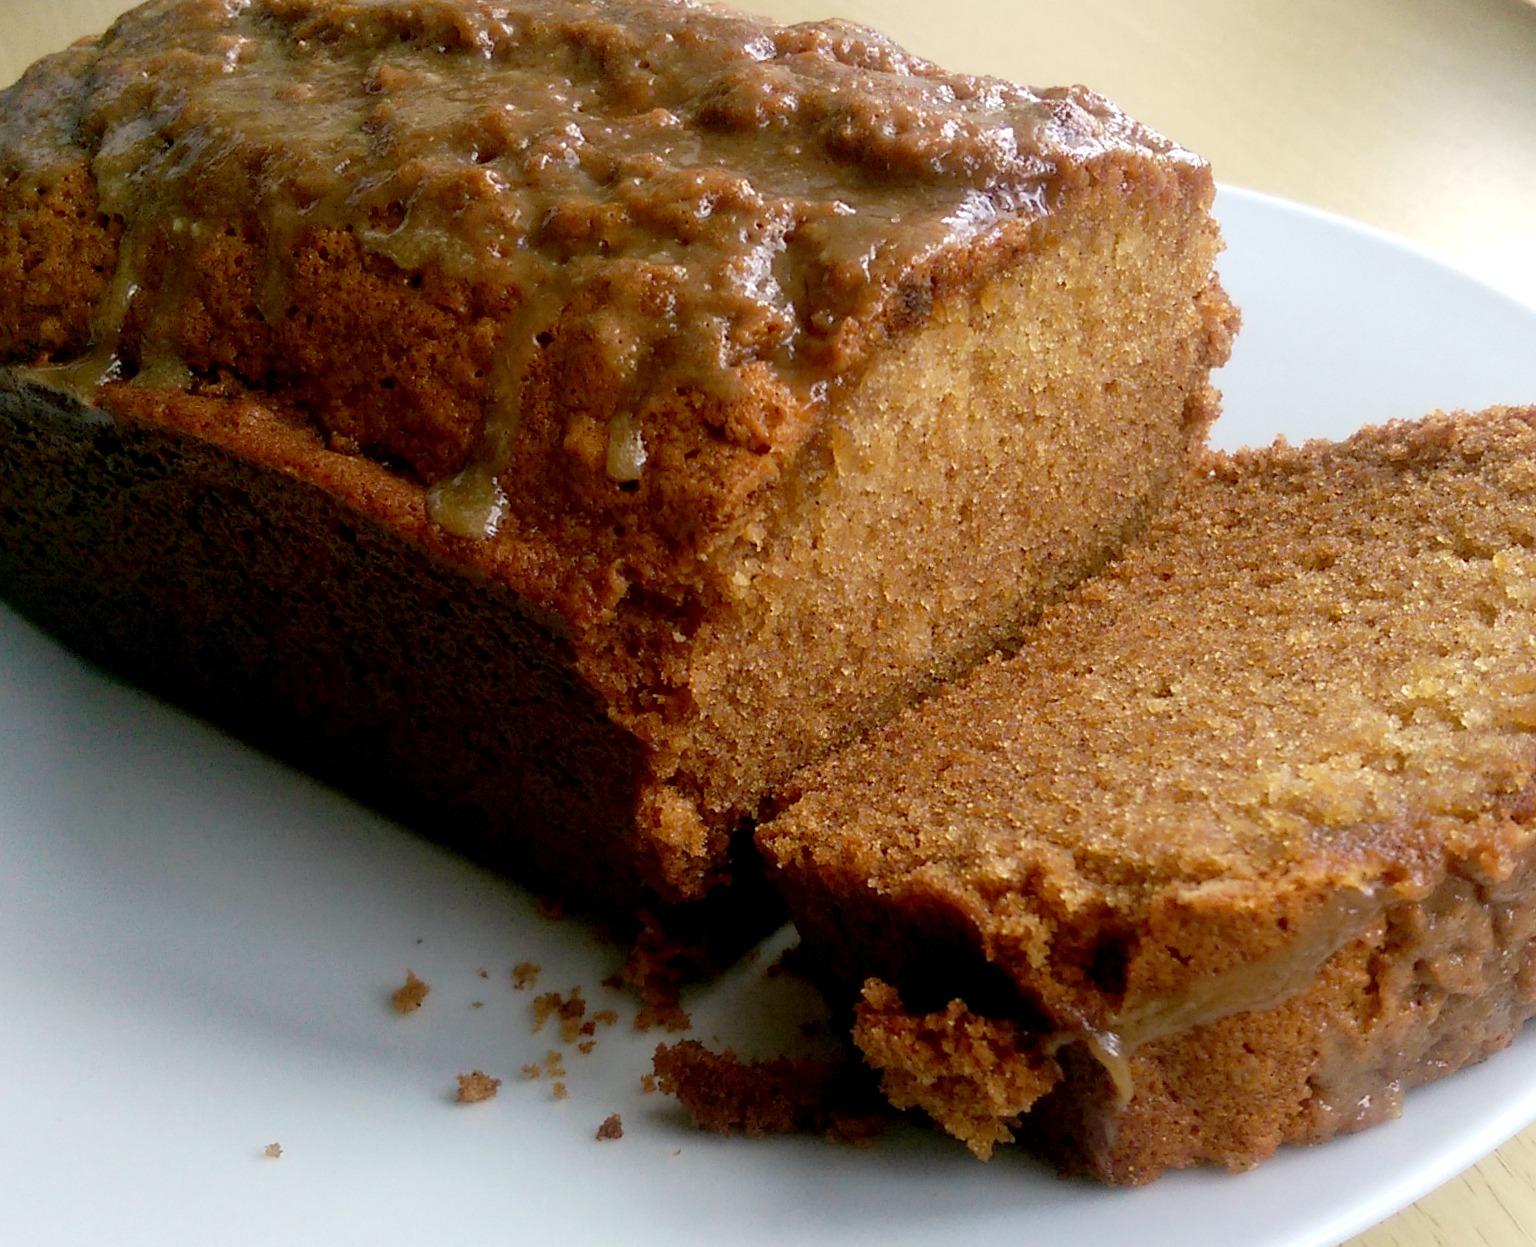 Gingerbread loaf with salted caramel glaze